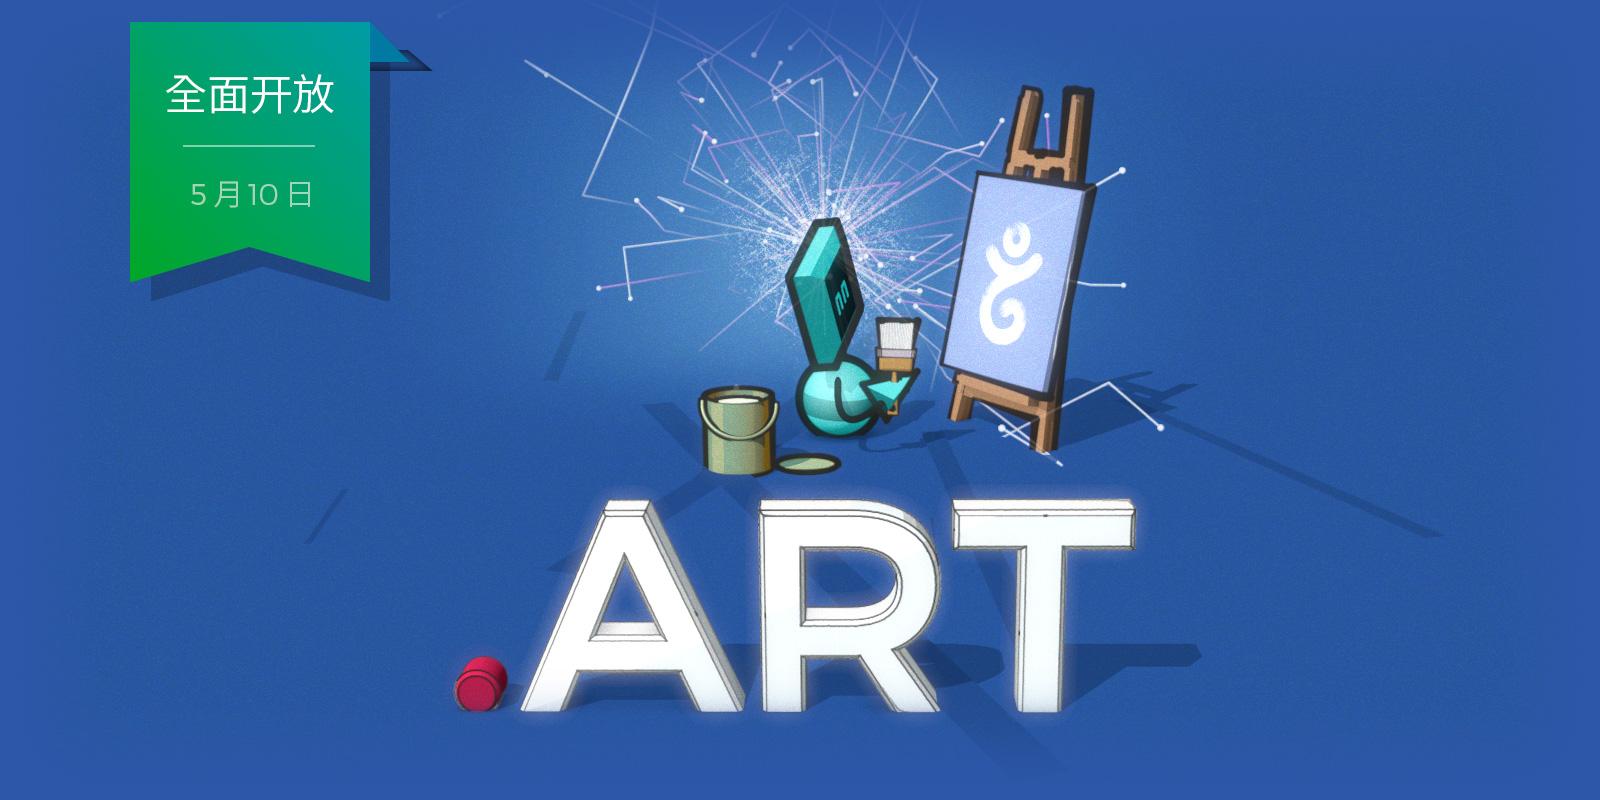 让您的 .art 在网路上发声